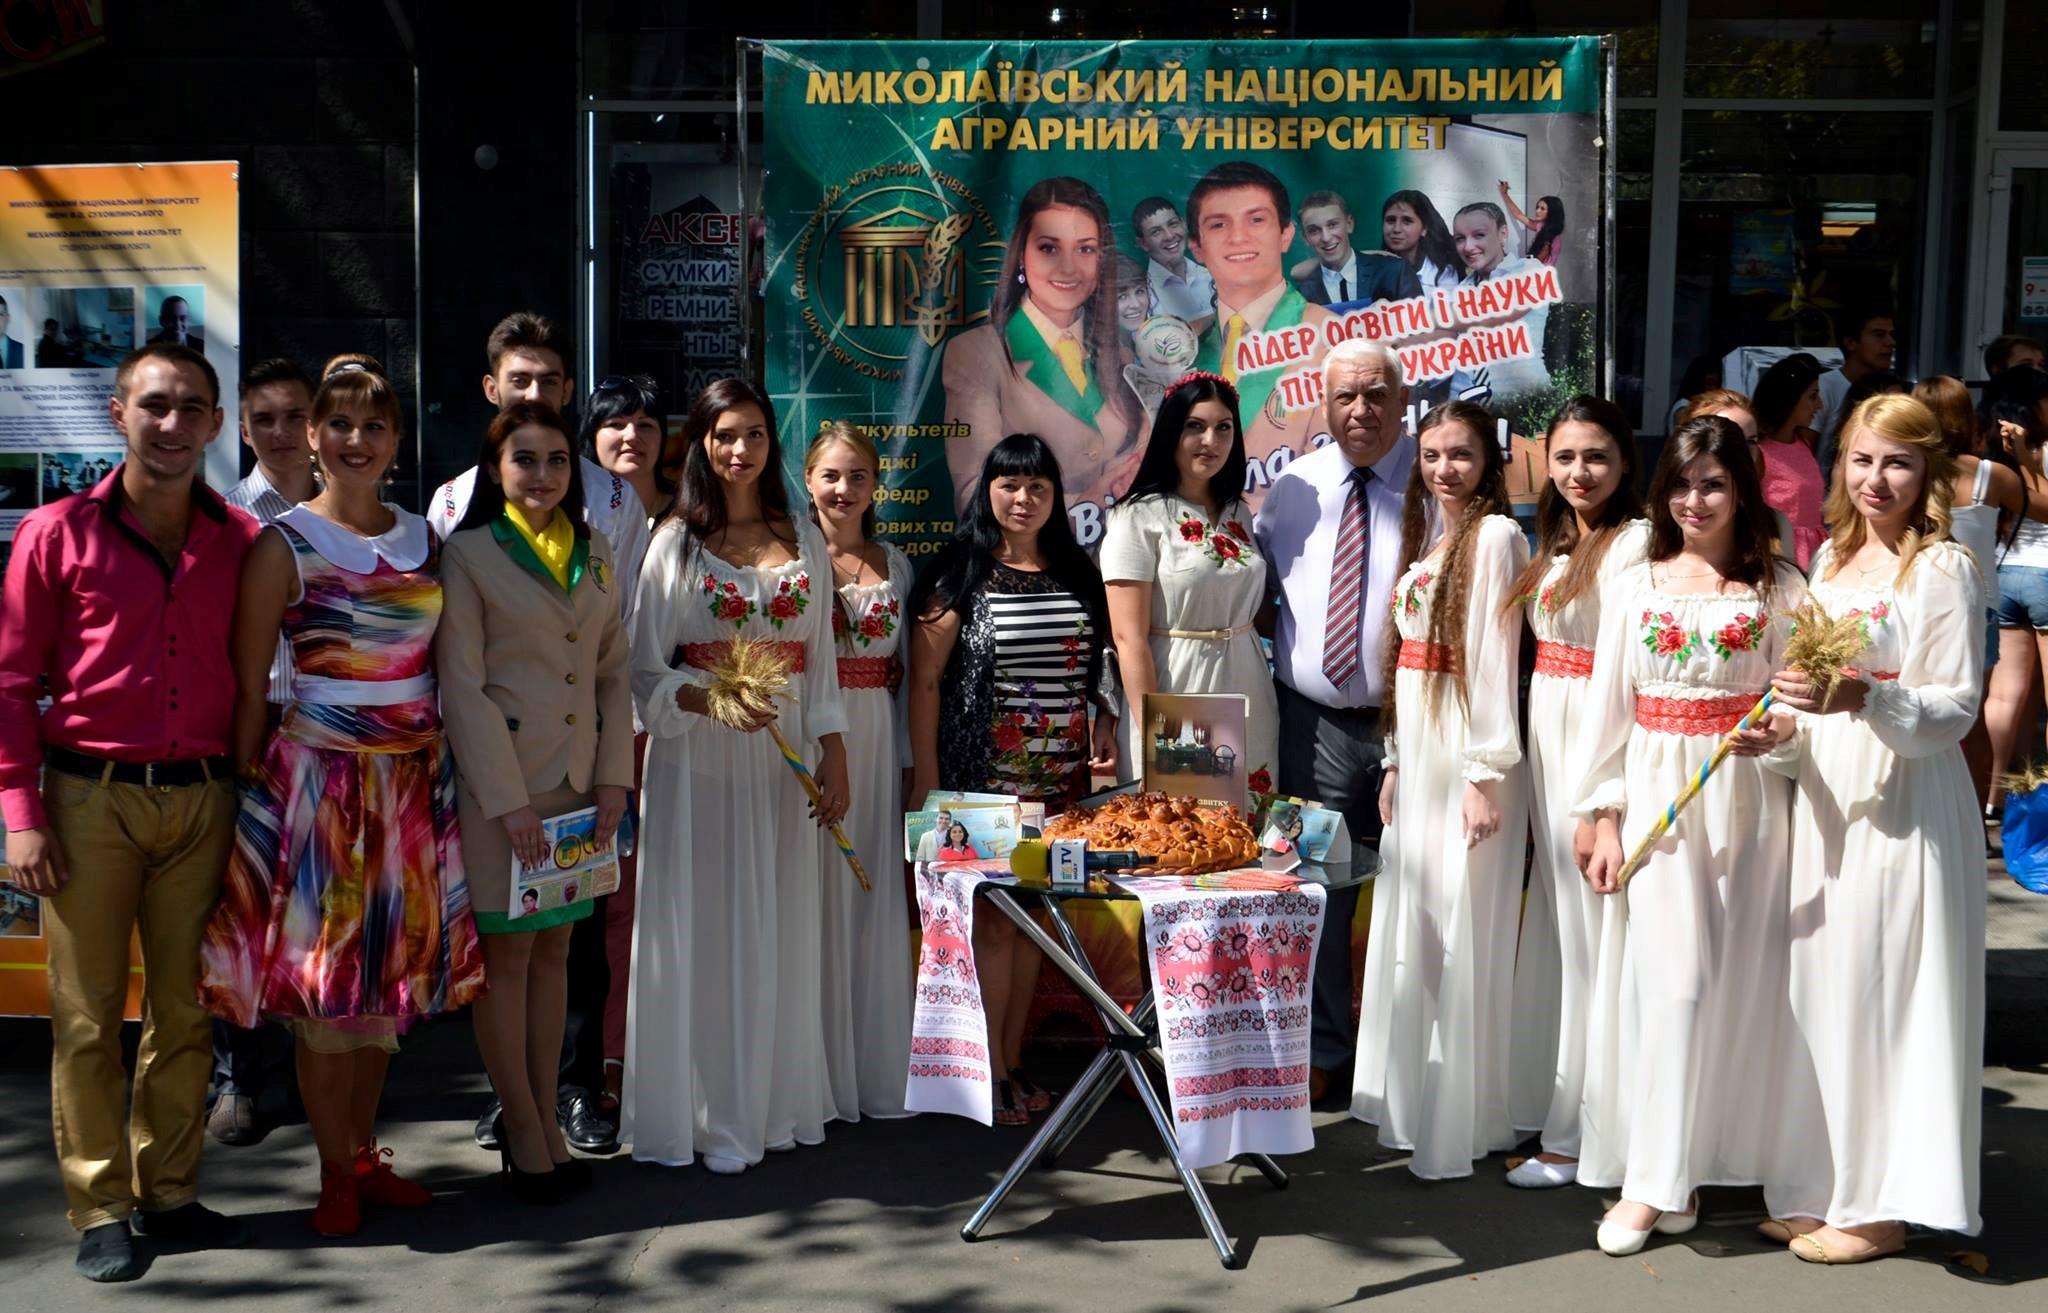 Факультет культури й виховання МНАУ